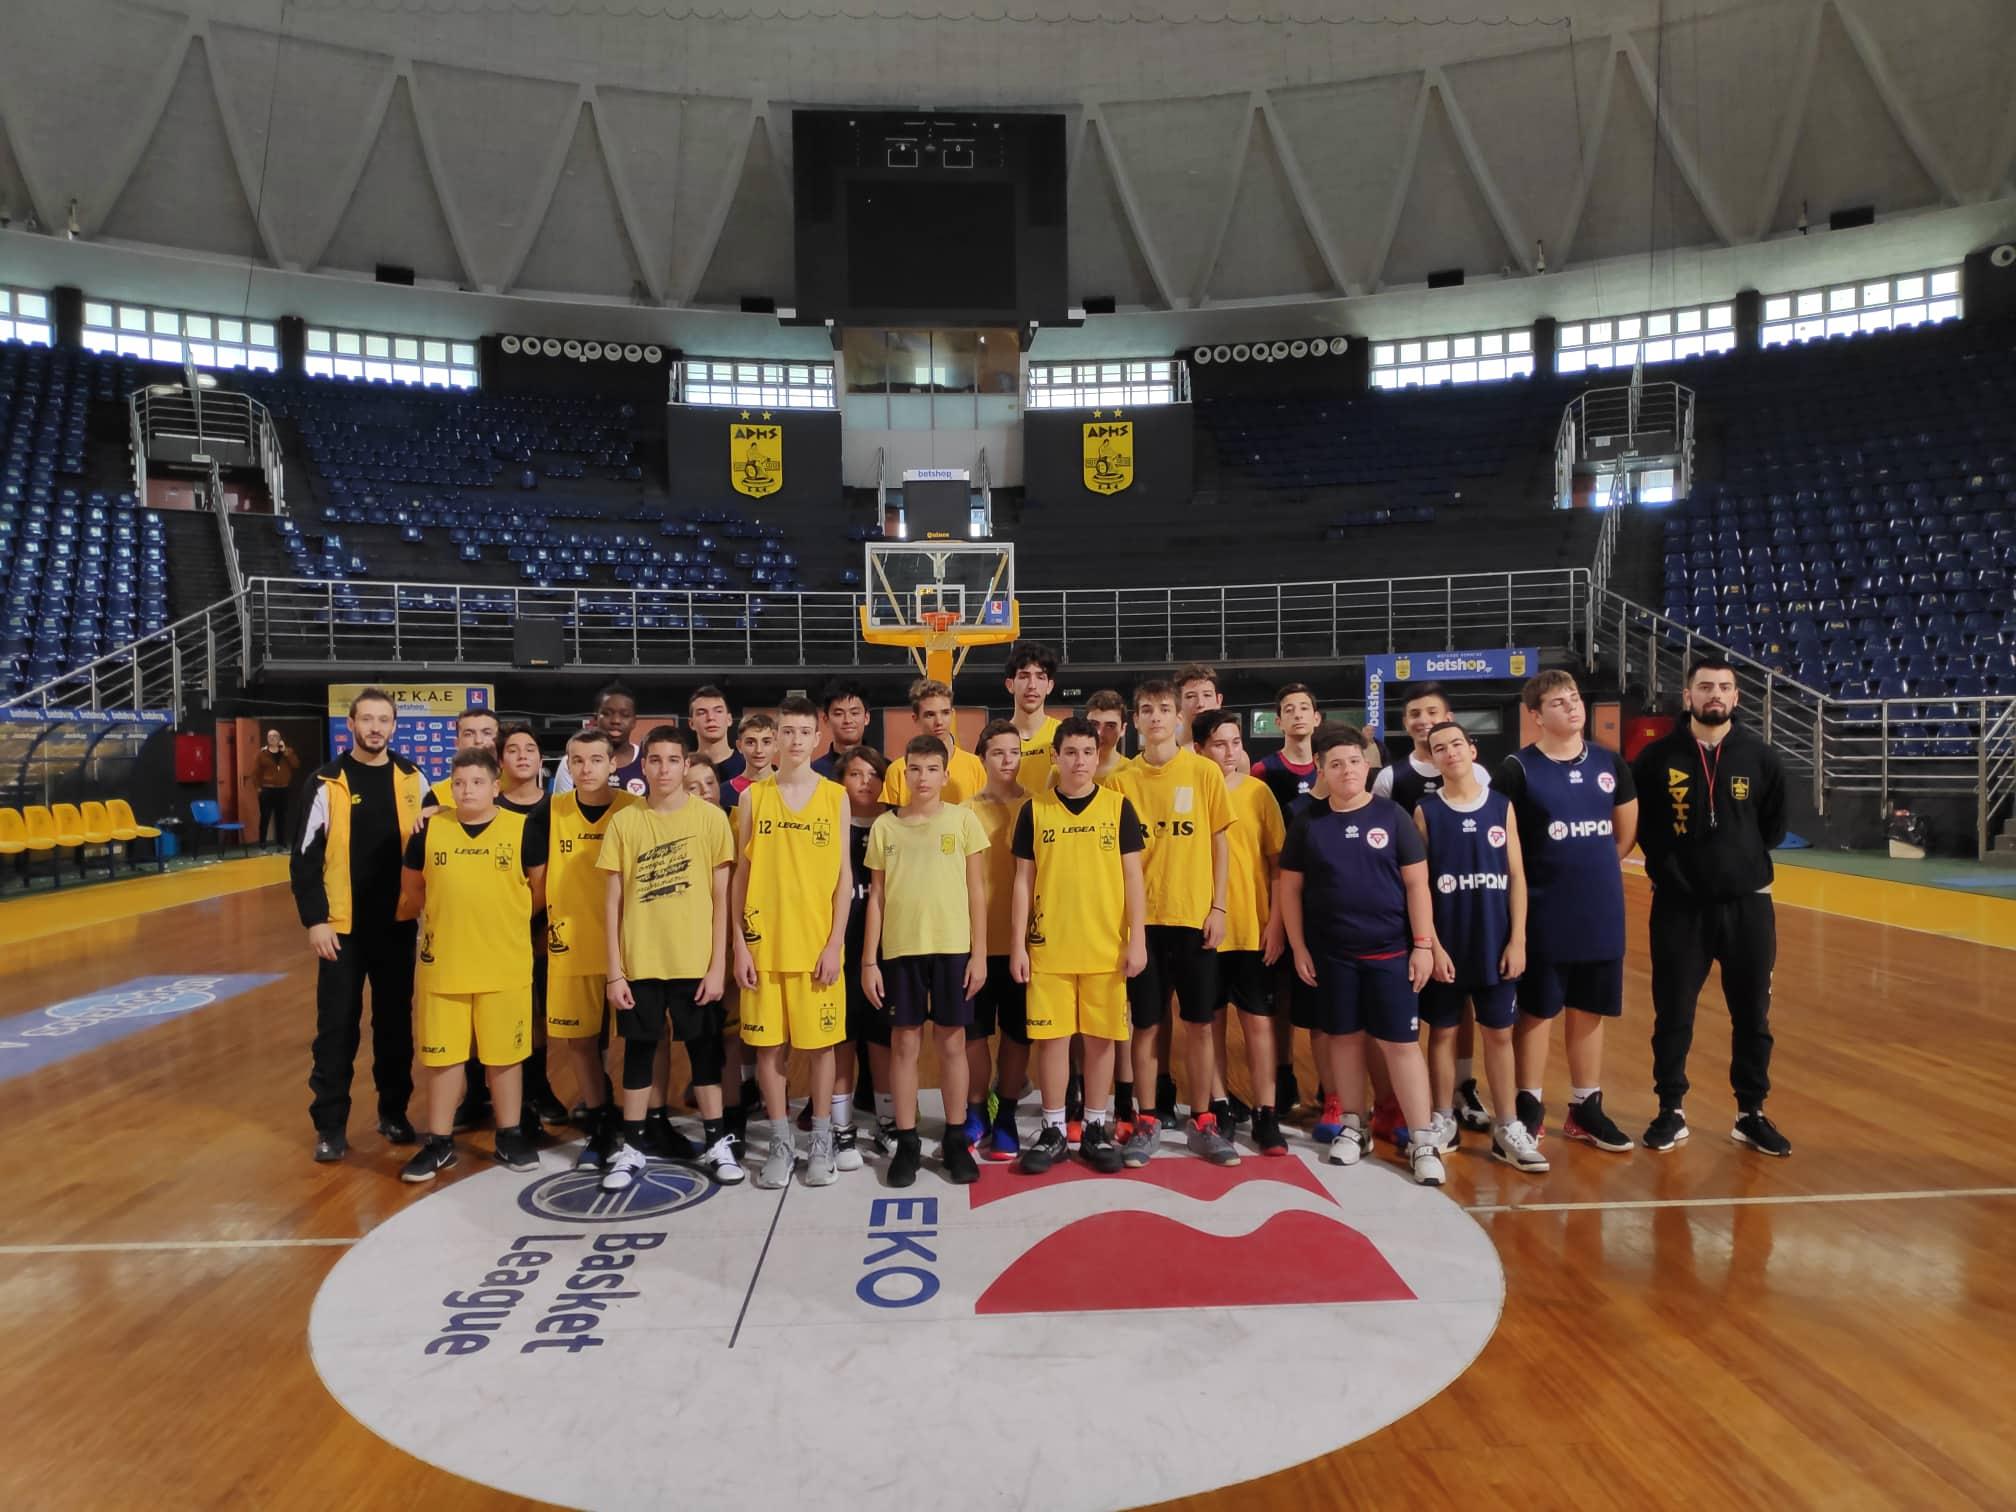 Πλούσια δράση για την Ακαδημία Μπάσκετ του ΑΡΗ (photostory)